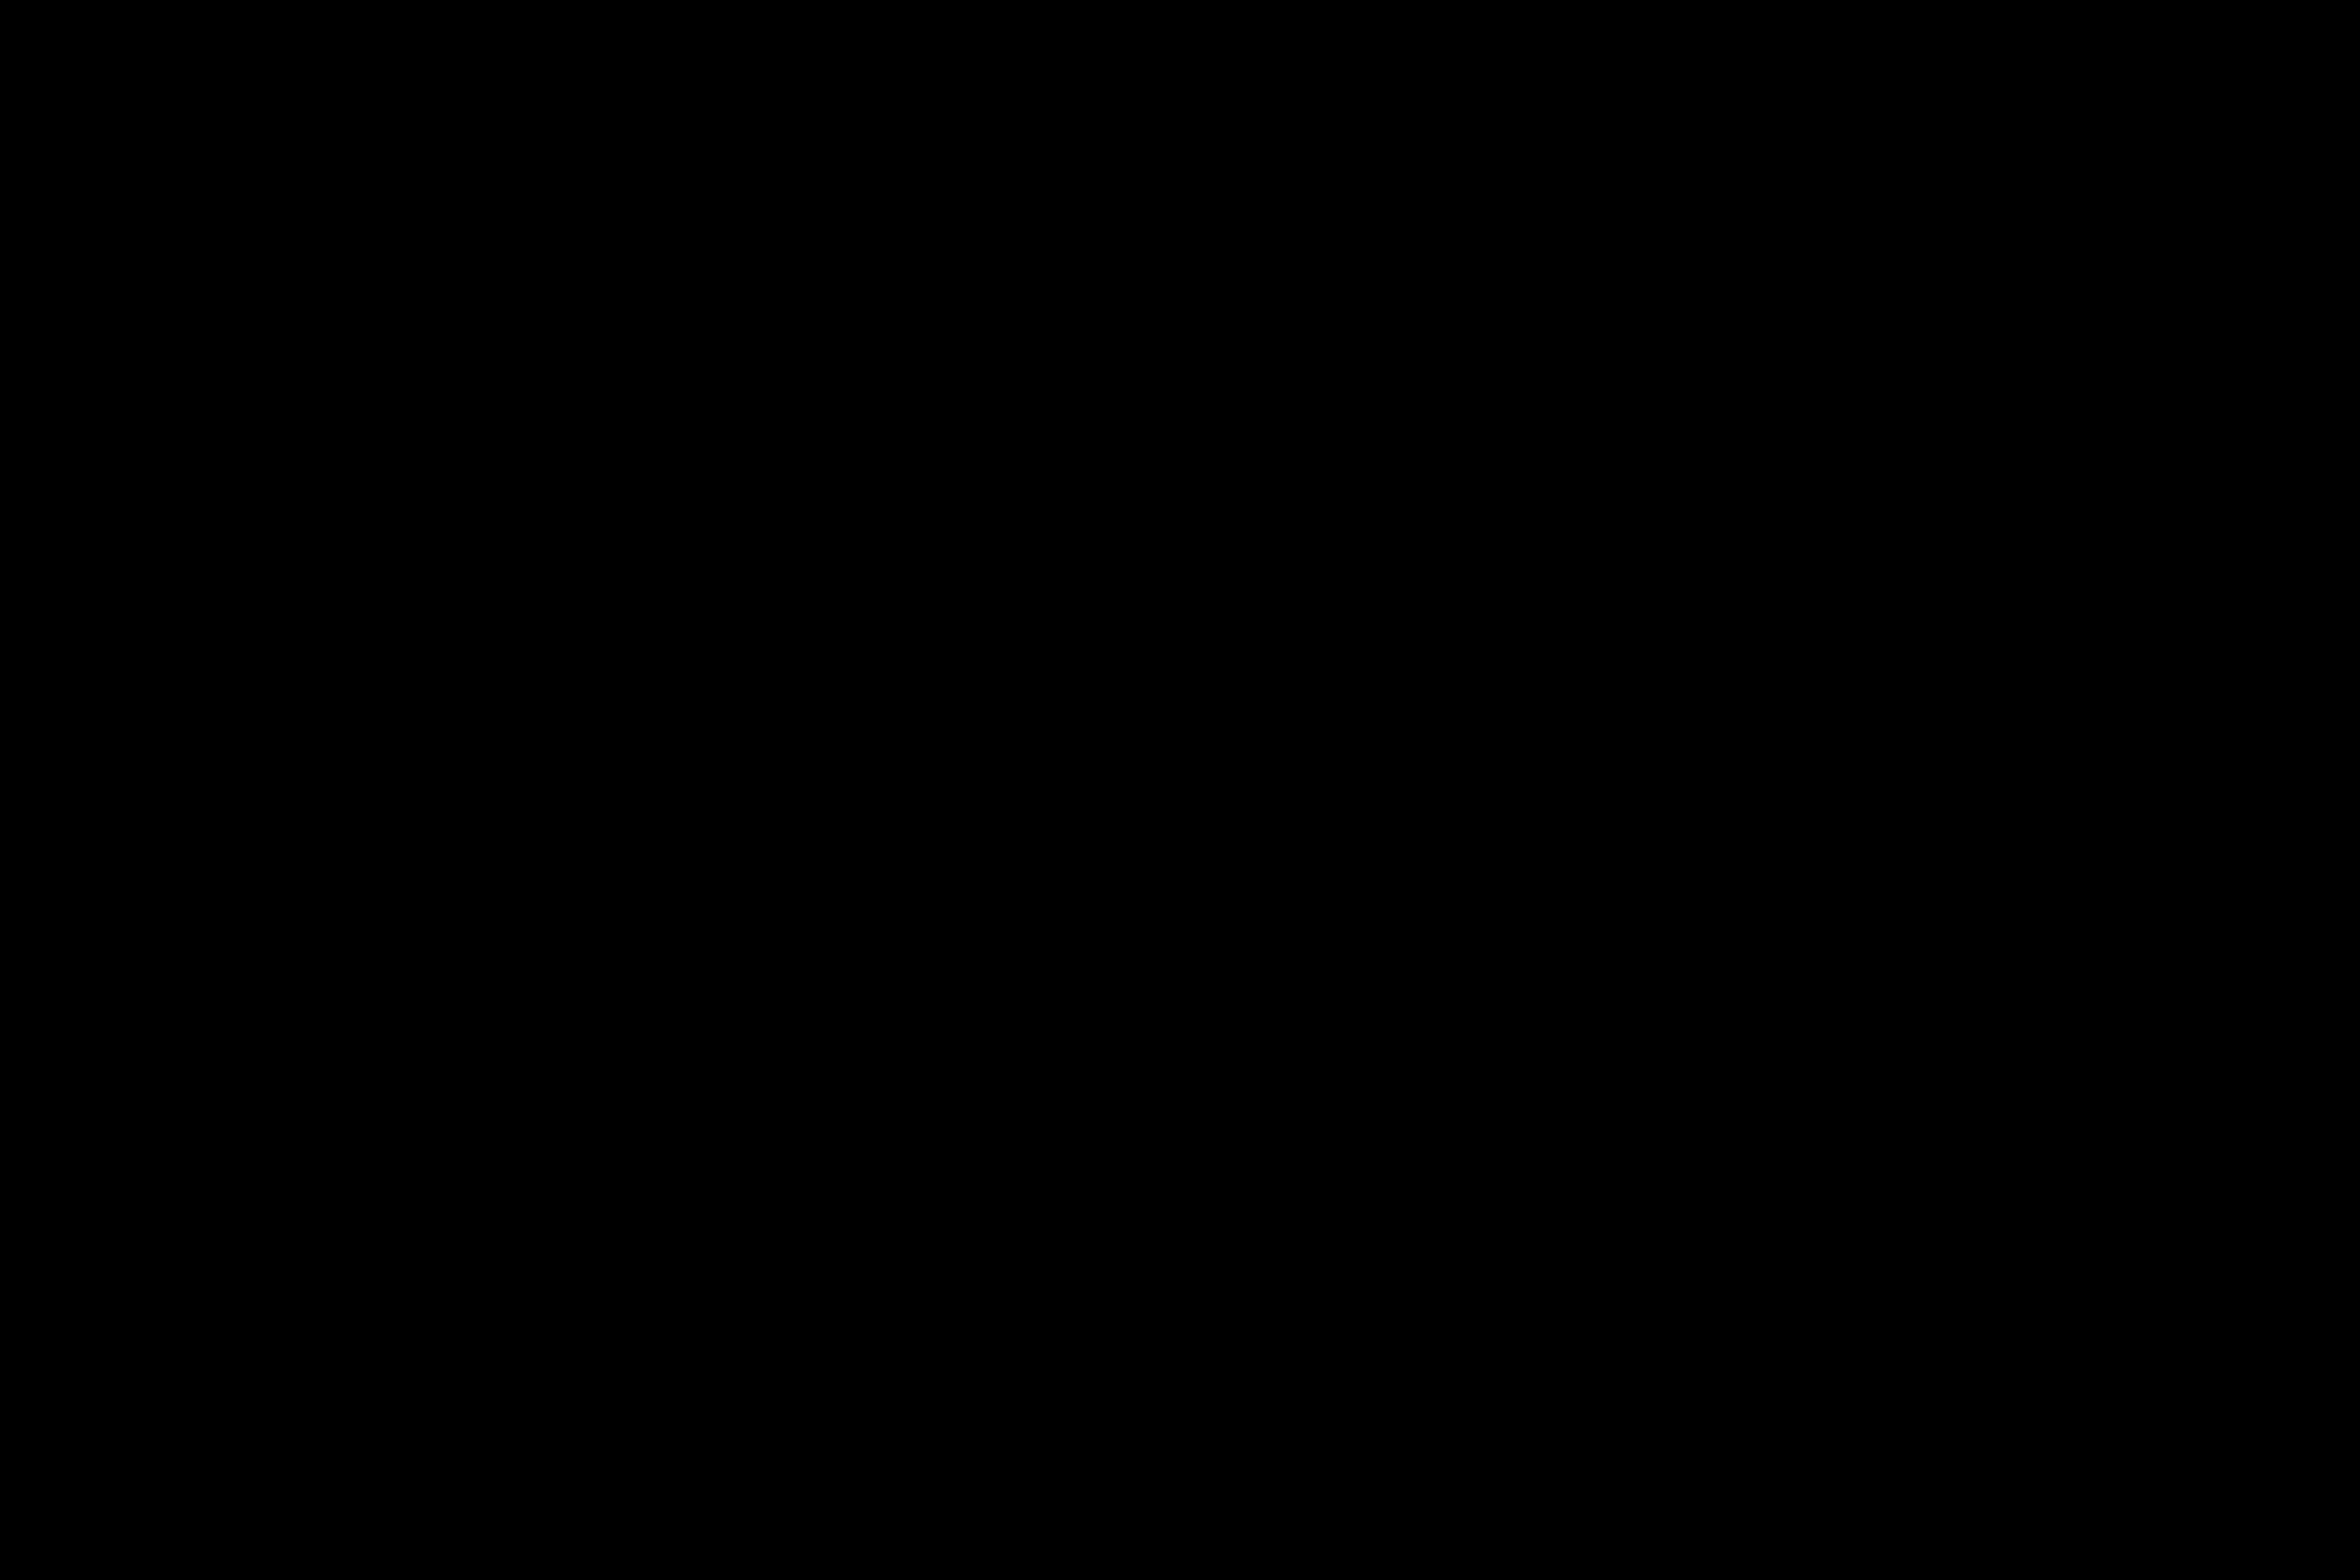 vdgc-nldoet-1